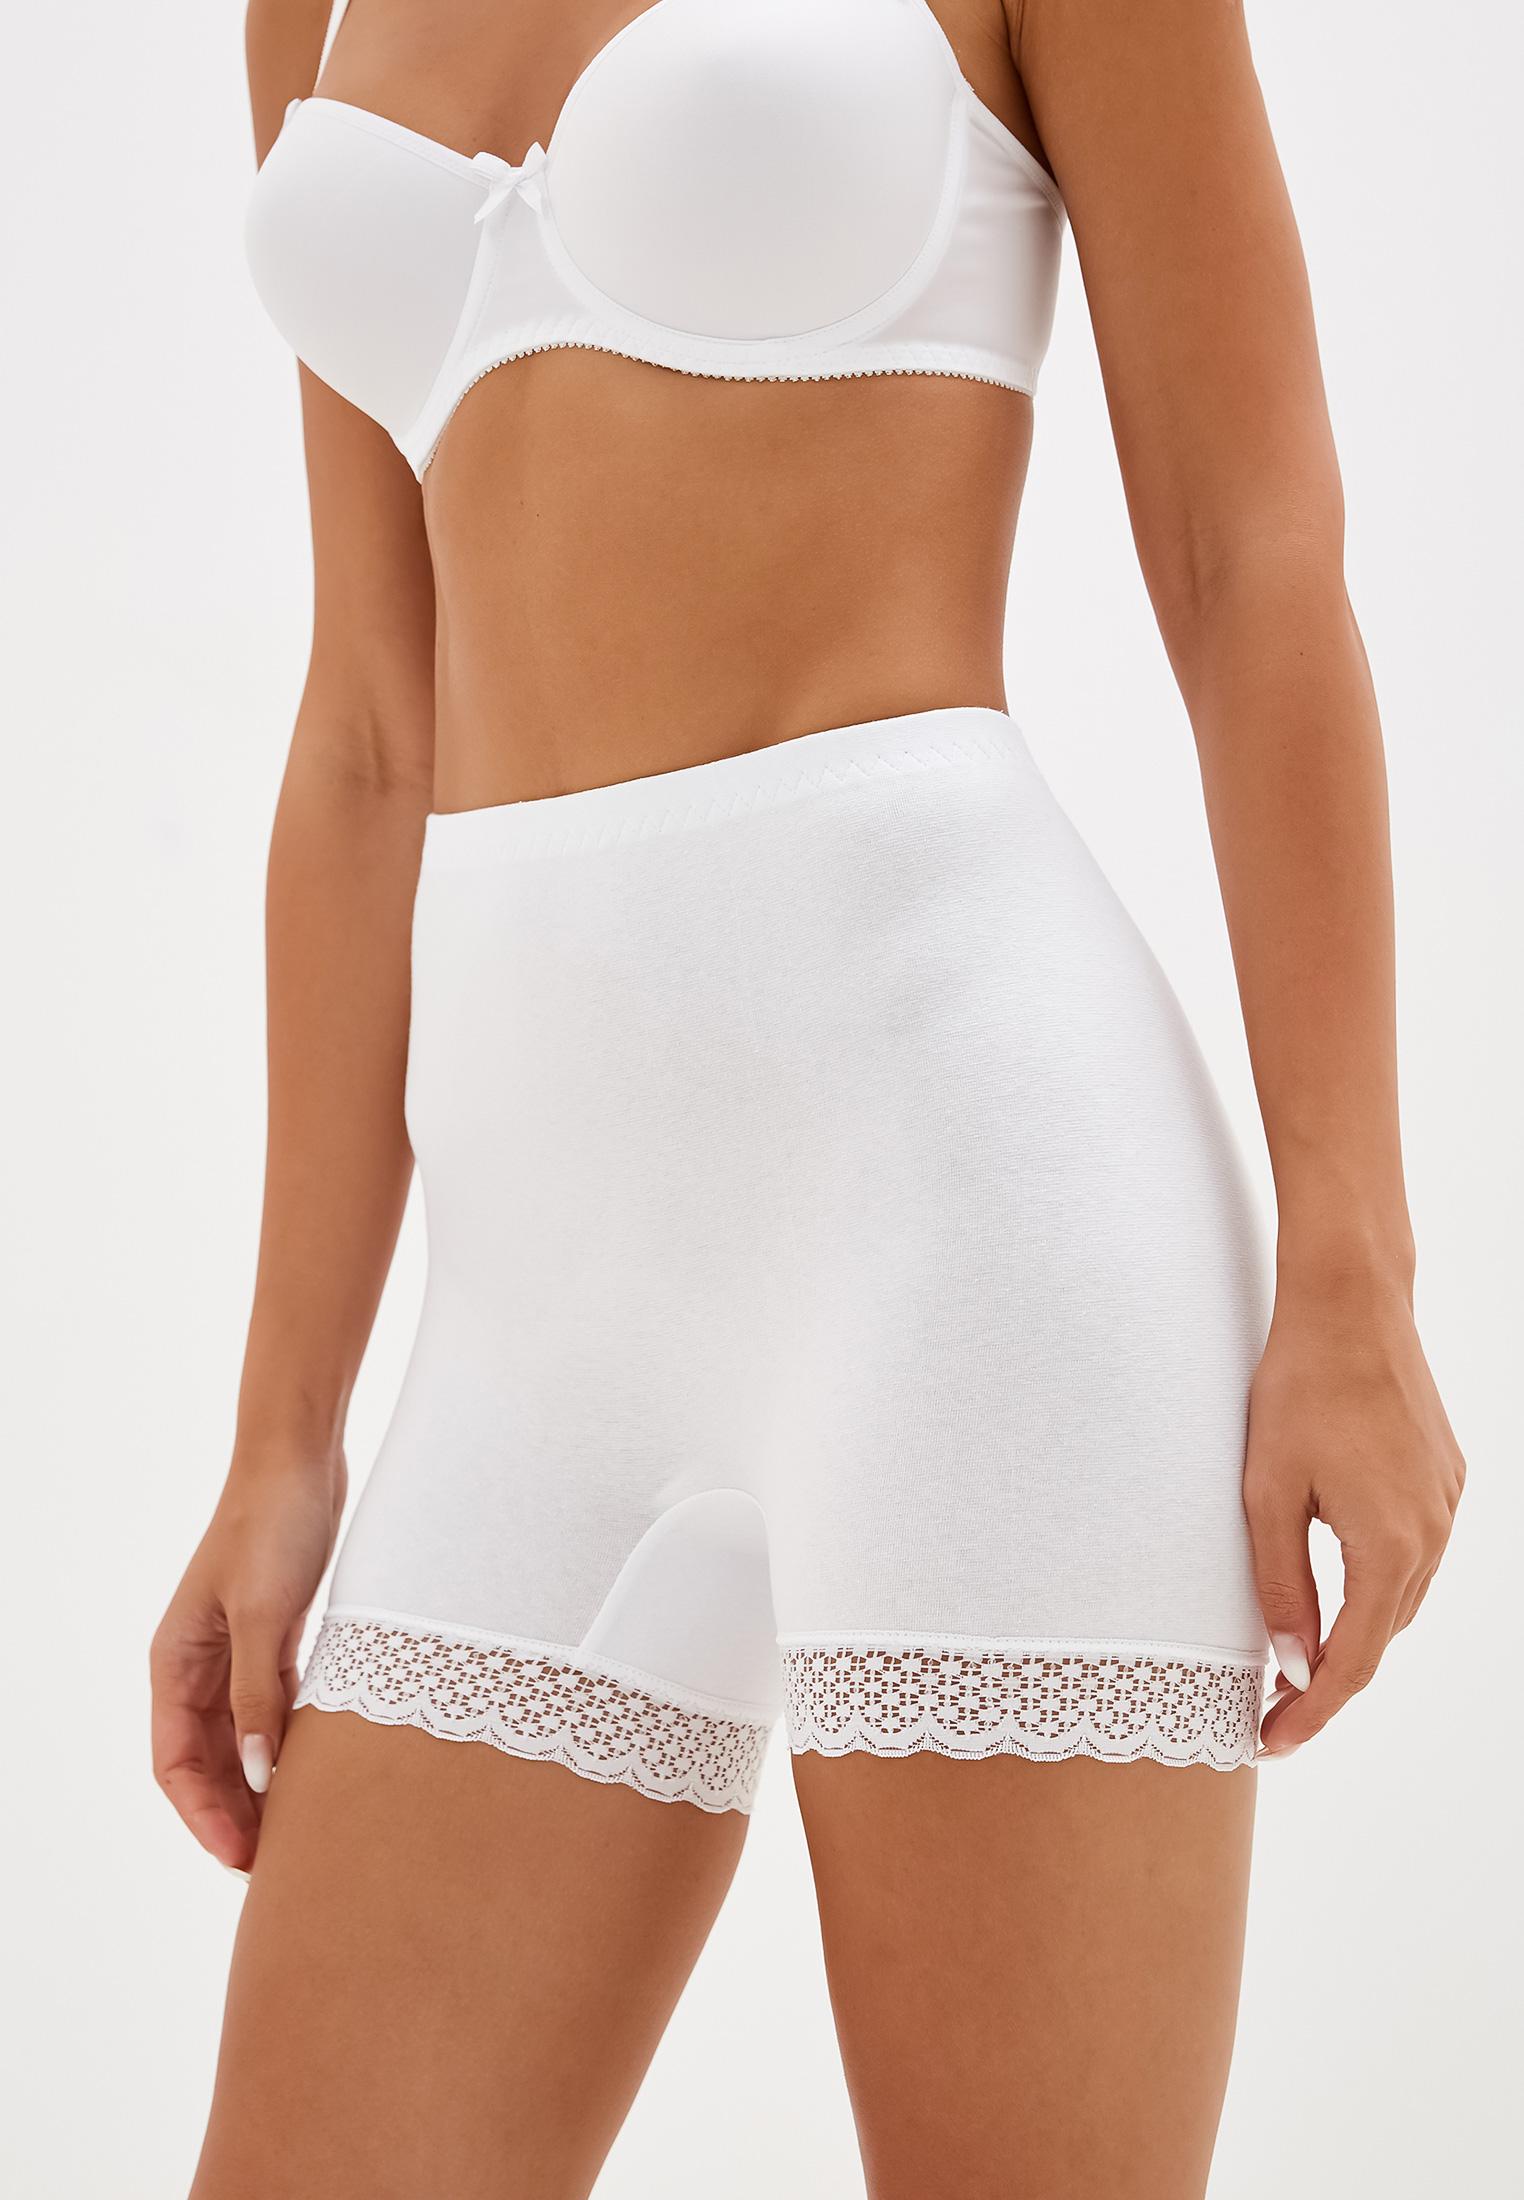 Панталоны женские НОВОЕ ВРЕМЯ T013 белые 50 RU